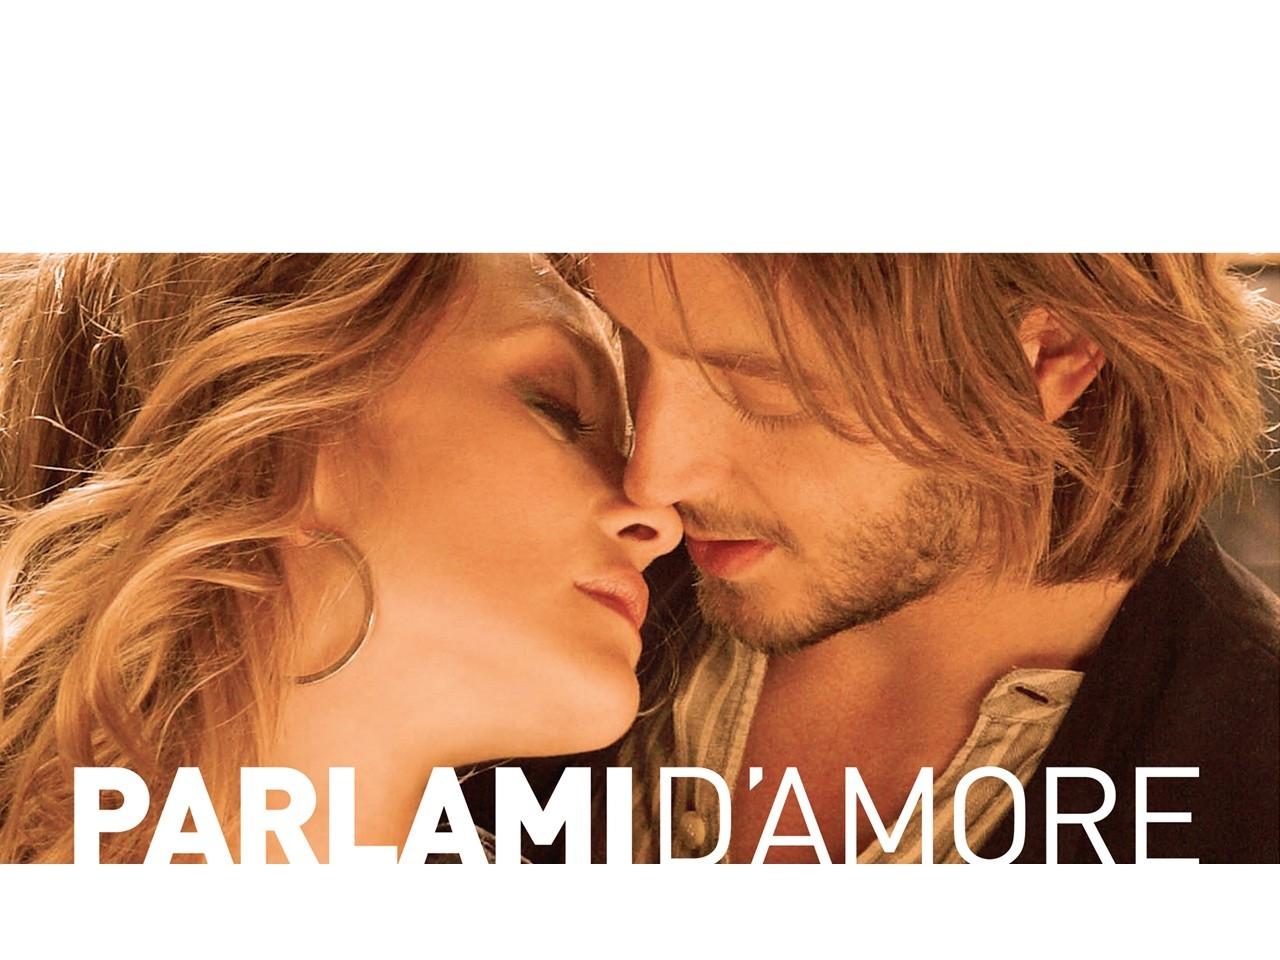 Un sensuale wallpaper del film Parlami d'amore